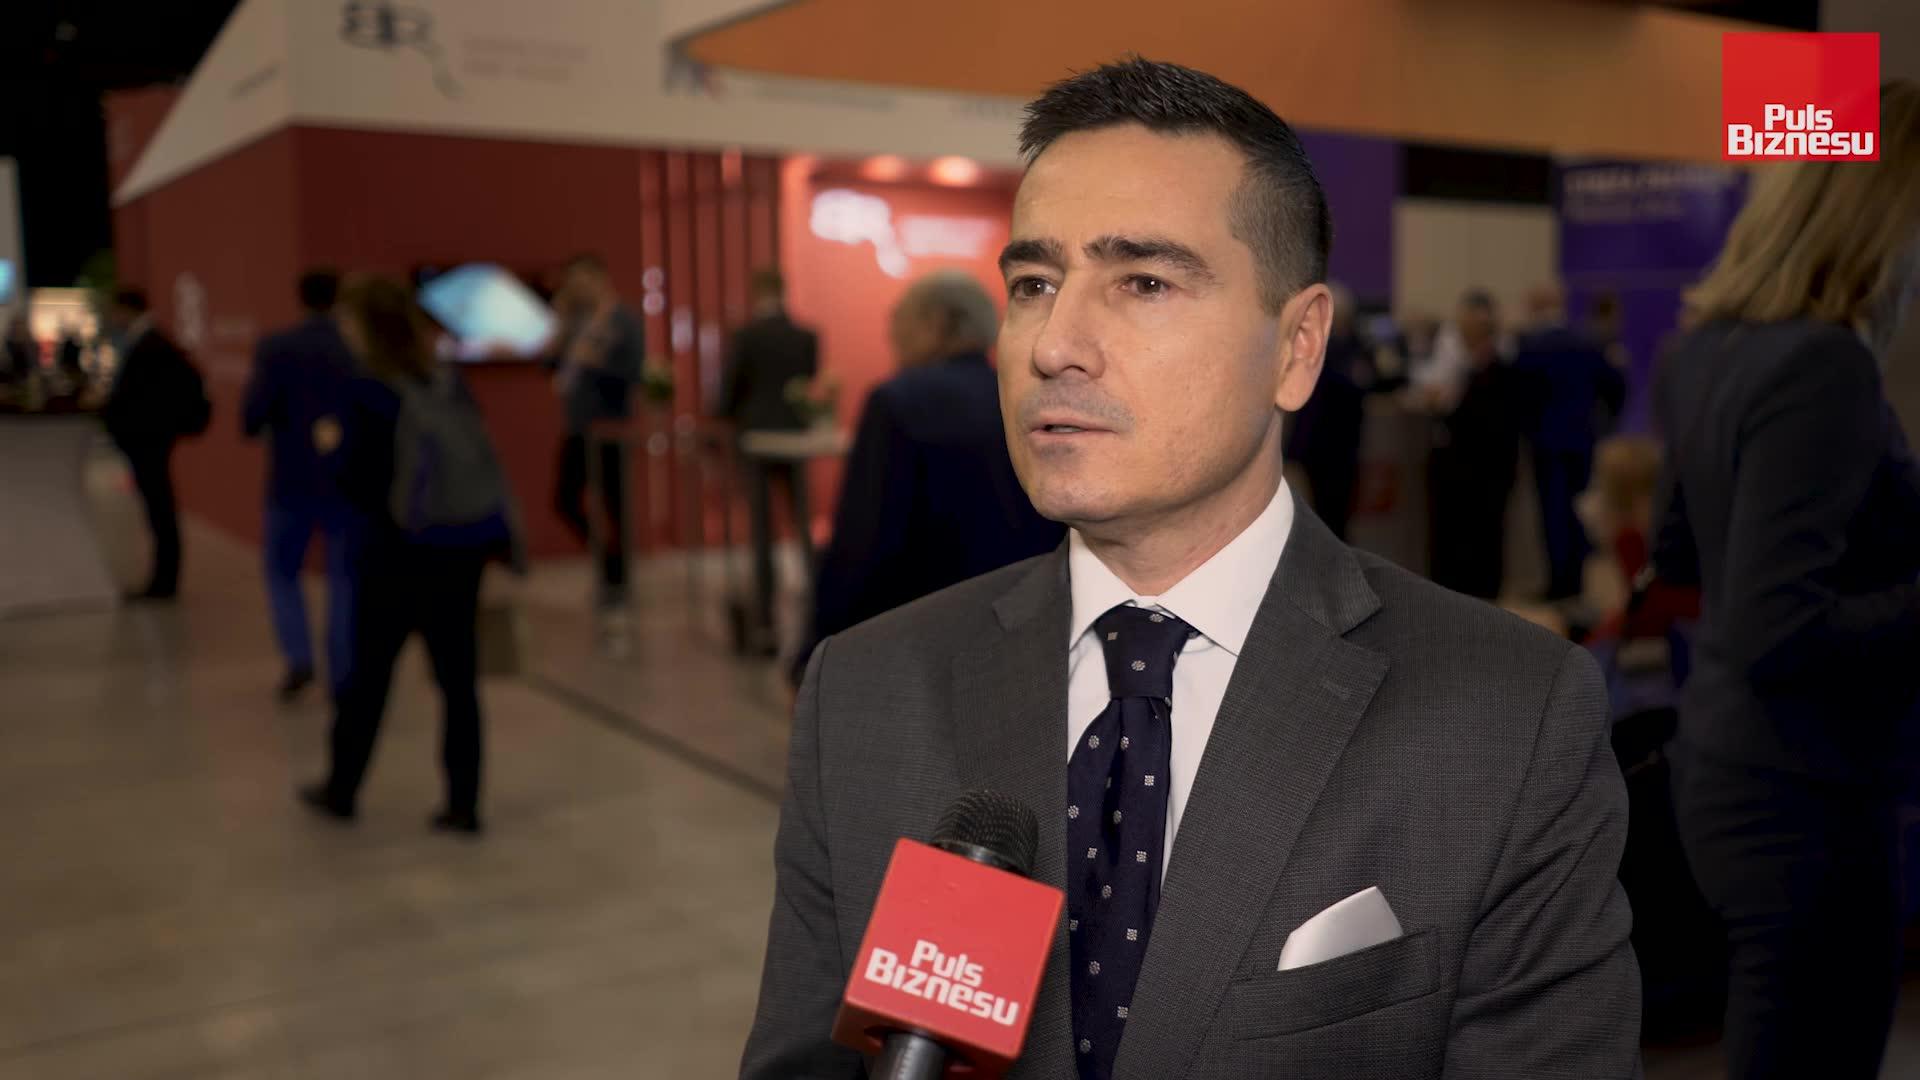 Czego szukają zagraniczni inwestorzy w Polsce?